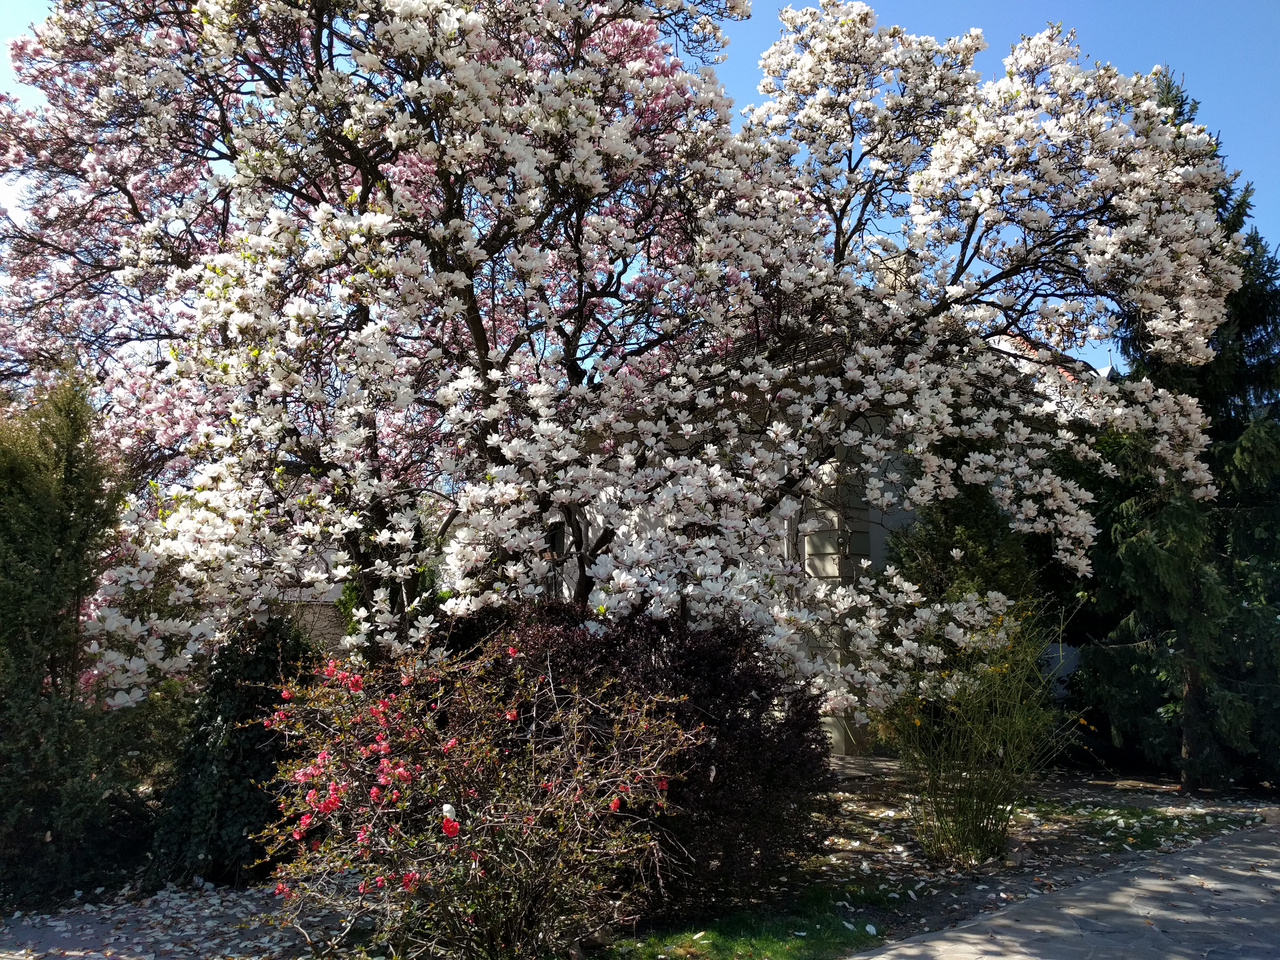 És ebben a Táncsics utcai kertben, a Szamóca Cukrászda, és a nem is olyan rég 3 milliárdért hirdetett kortárs villaközött, egymás mellett van egy rózsaszín, meg egy fehér. És mindkettő hatalmas. A környék legpompásabb és leghíresebb liliomfái.